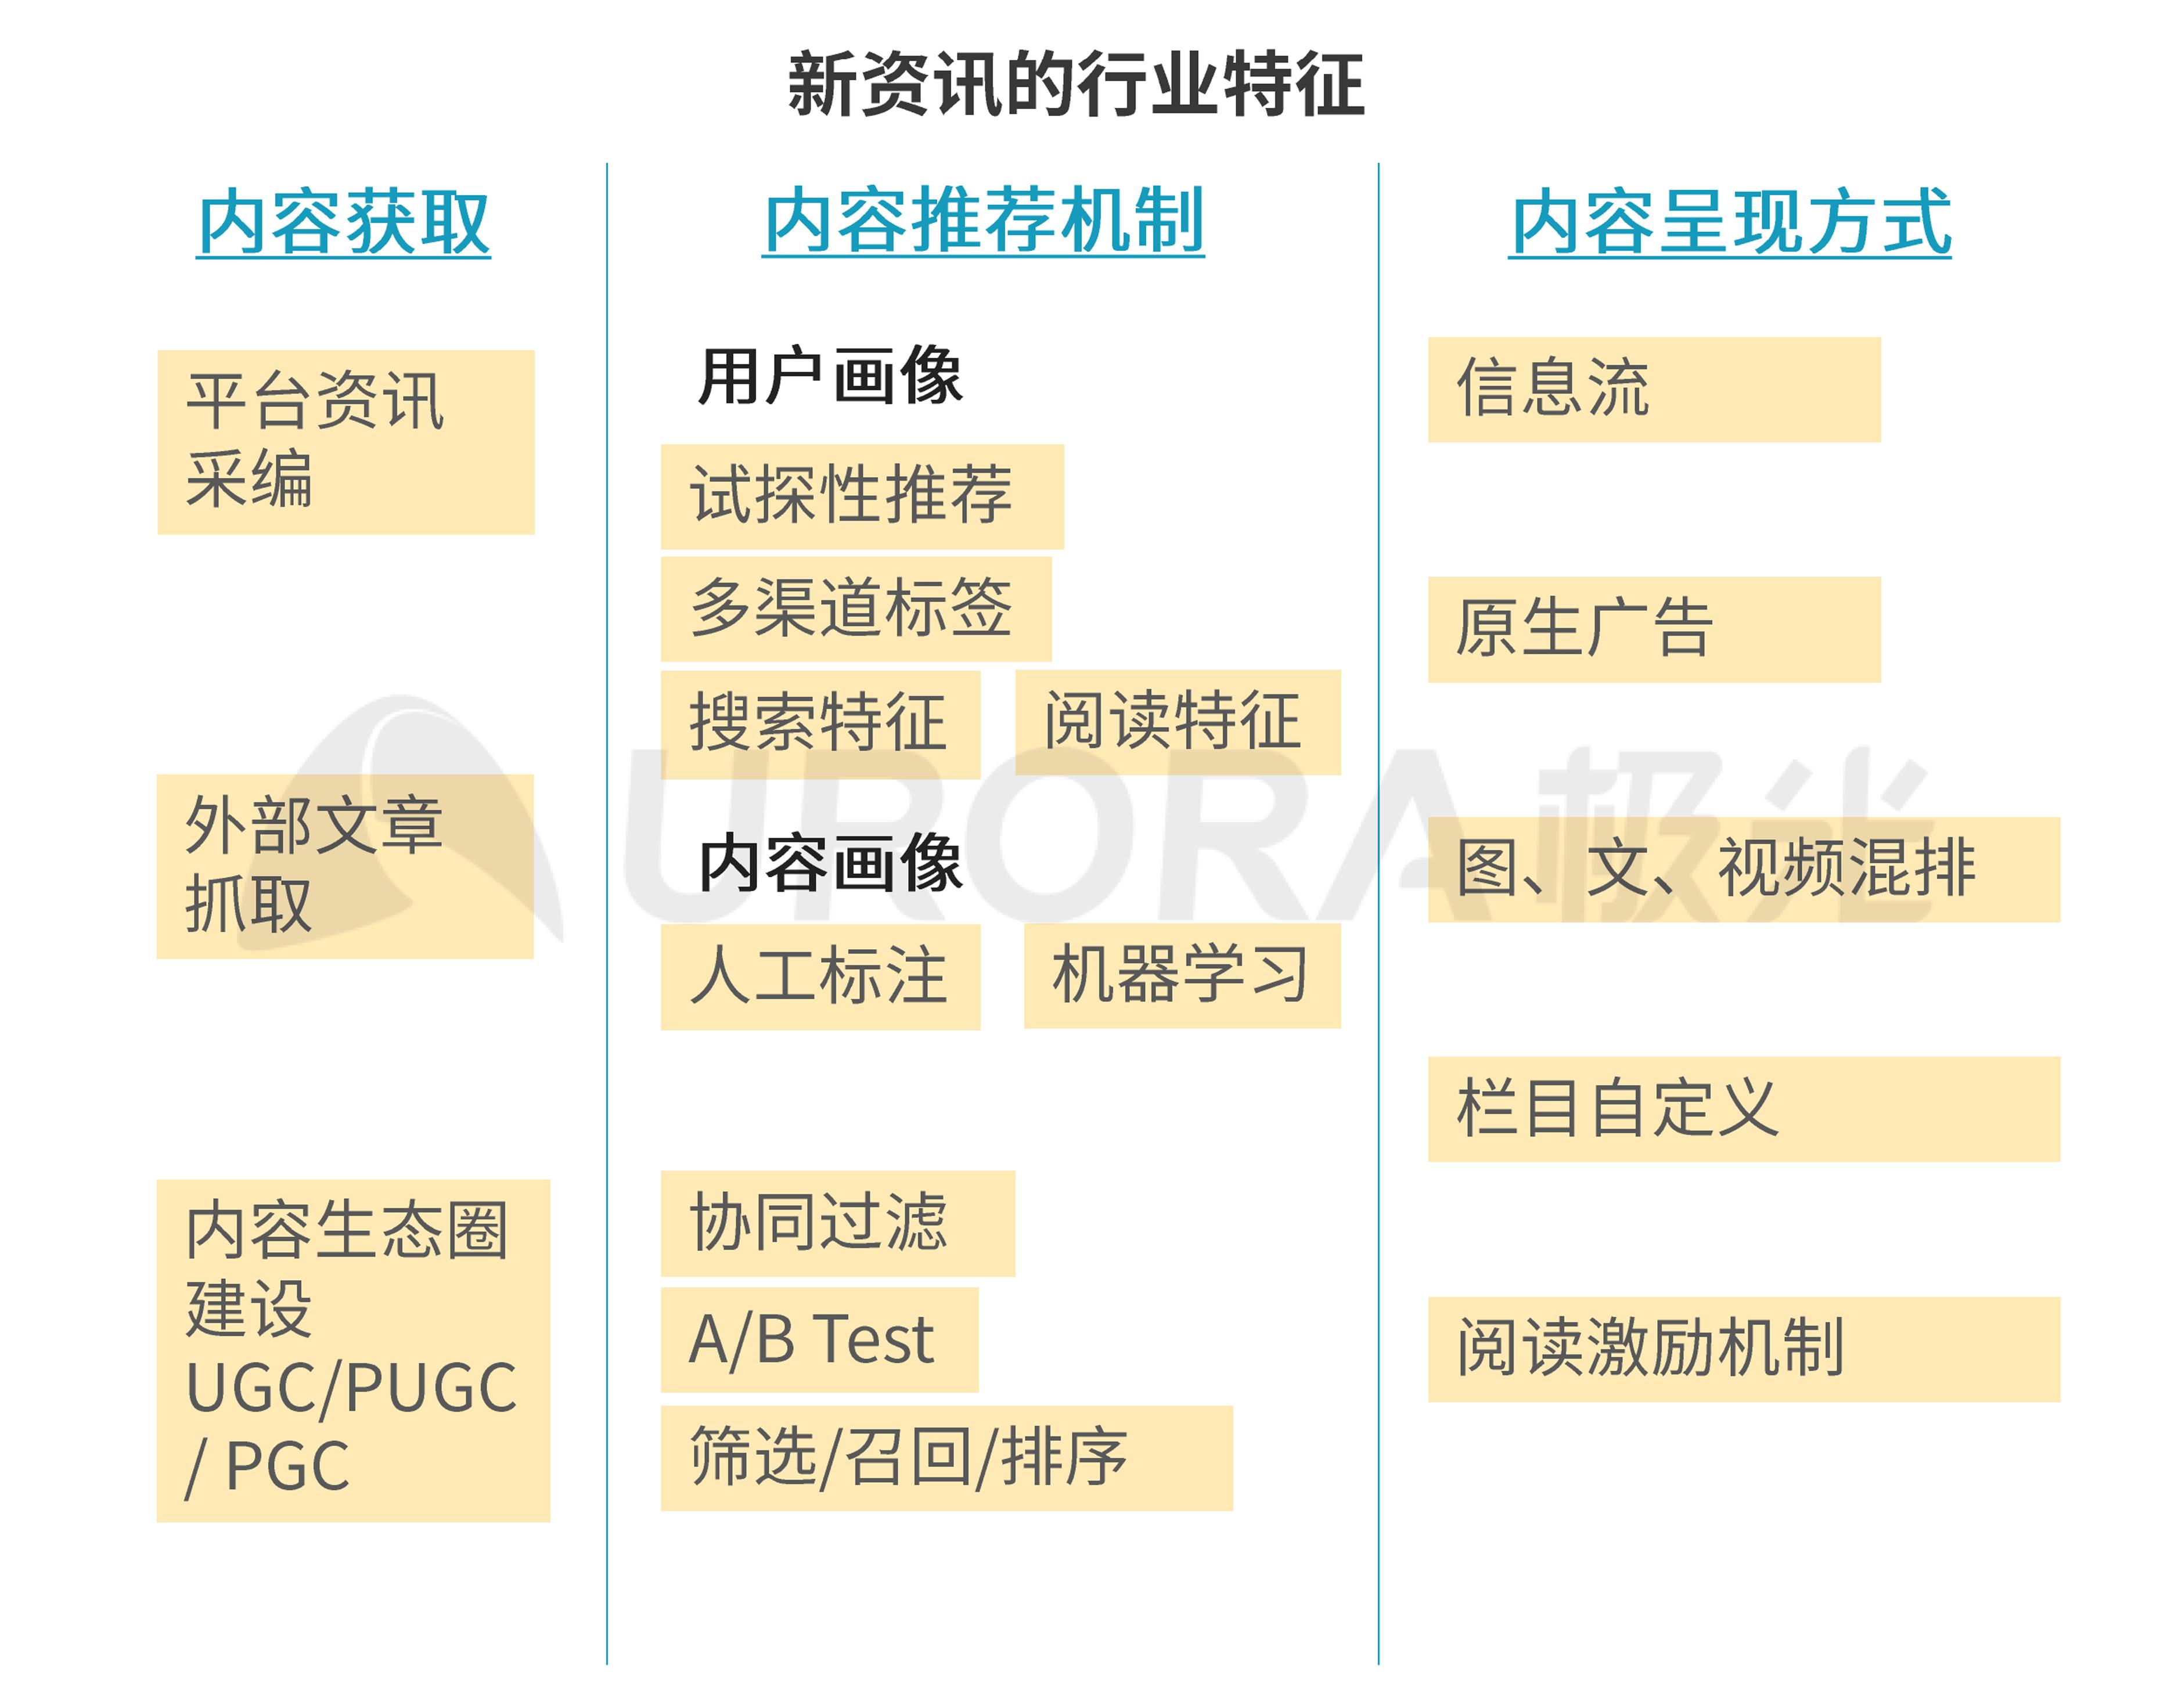 极光:新闻资讯 (4).png